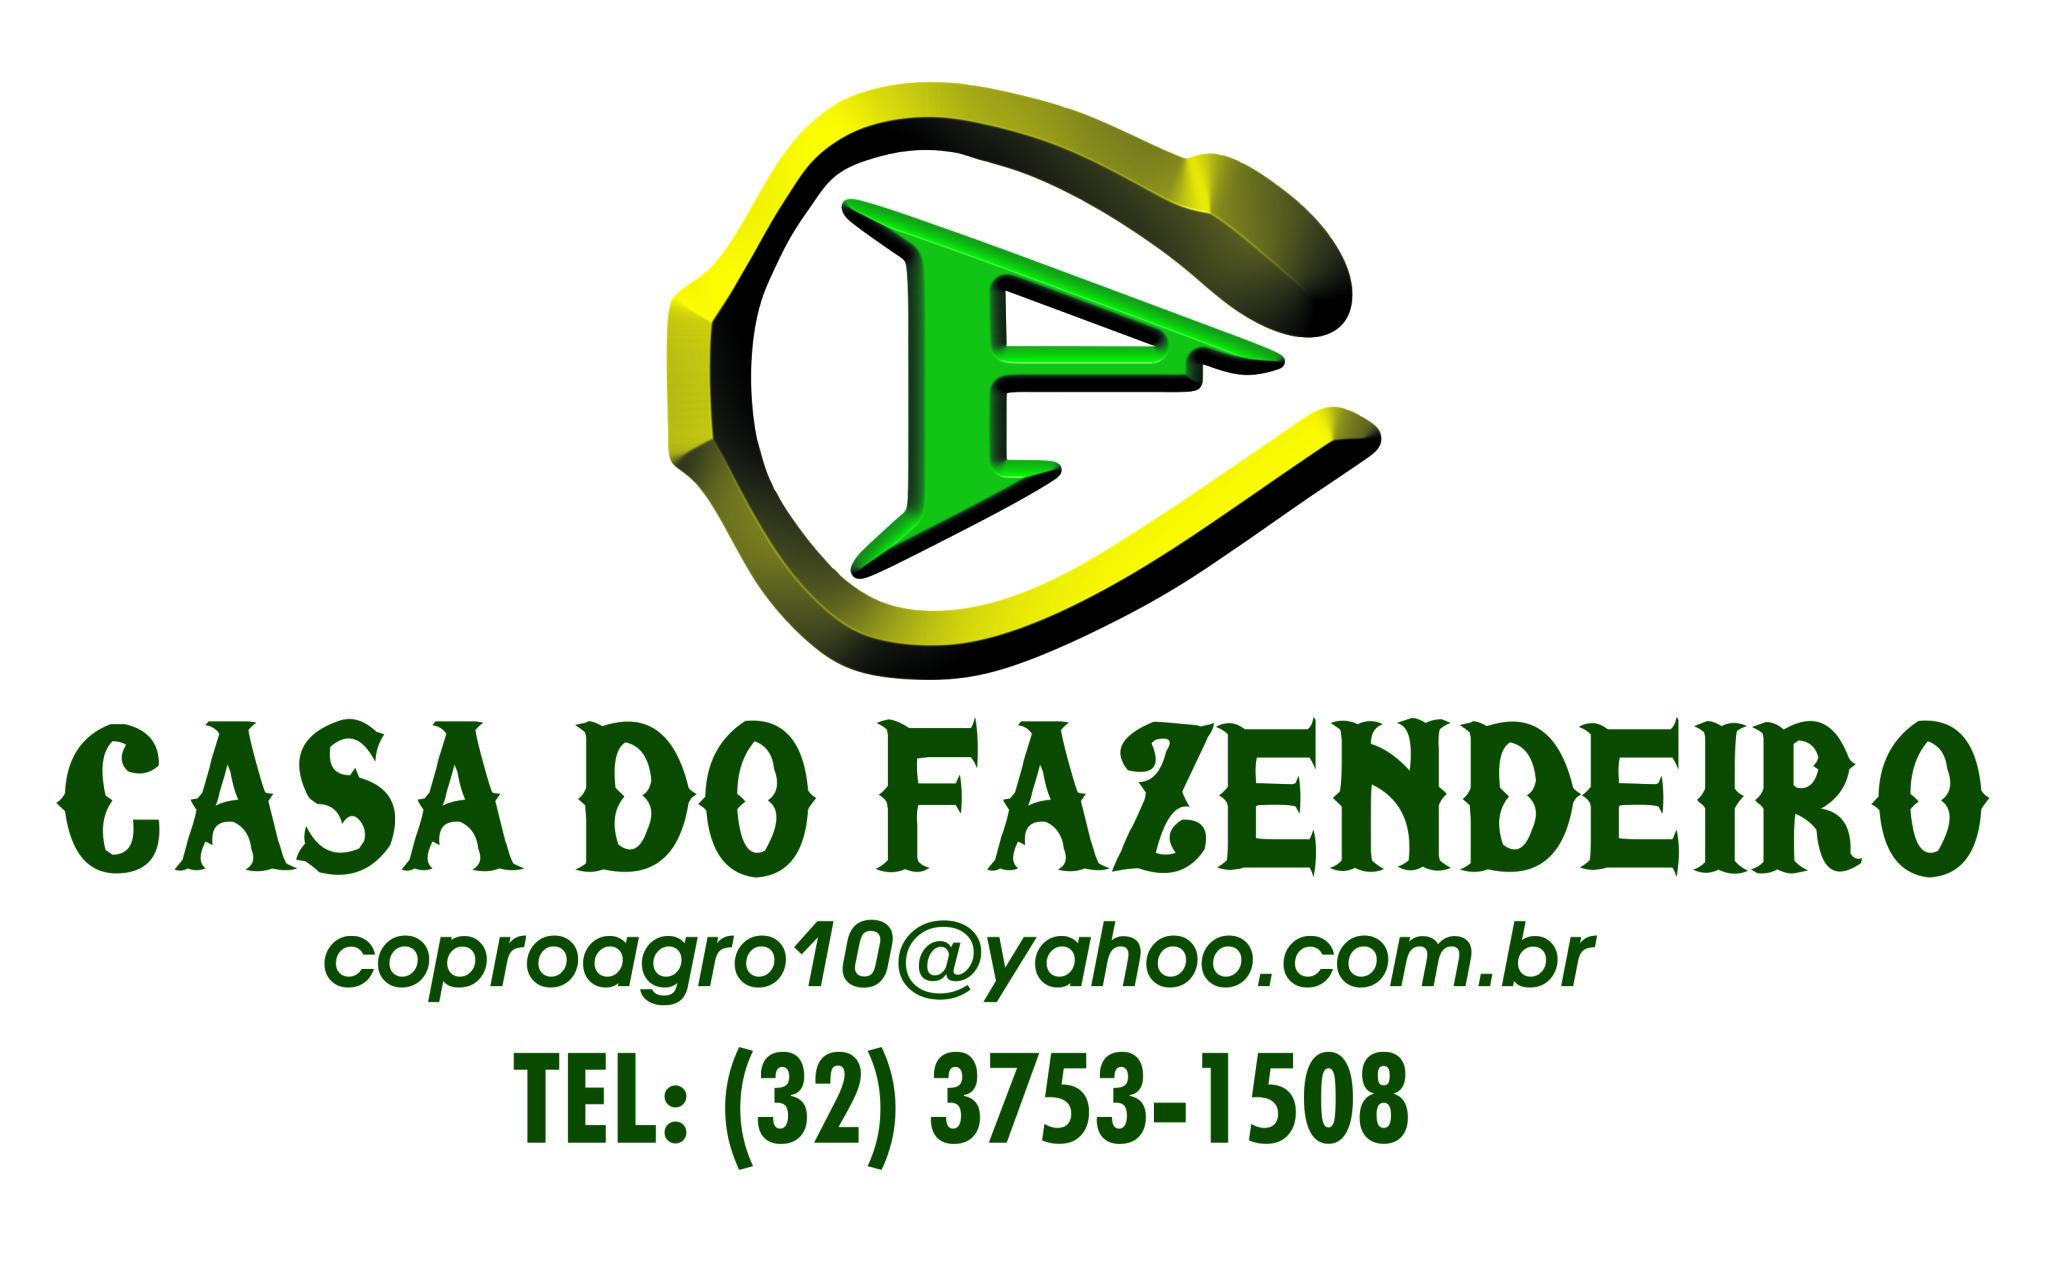 LOGO - CASA DO FAZENDEIRO(1)